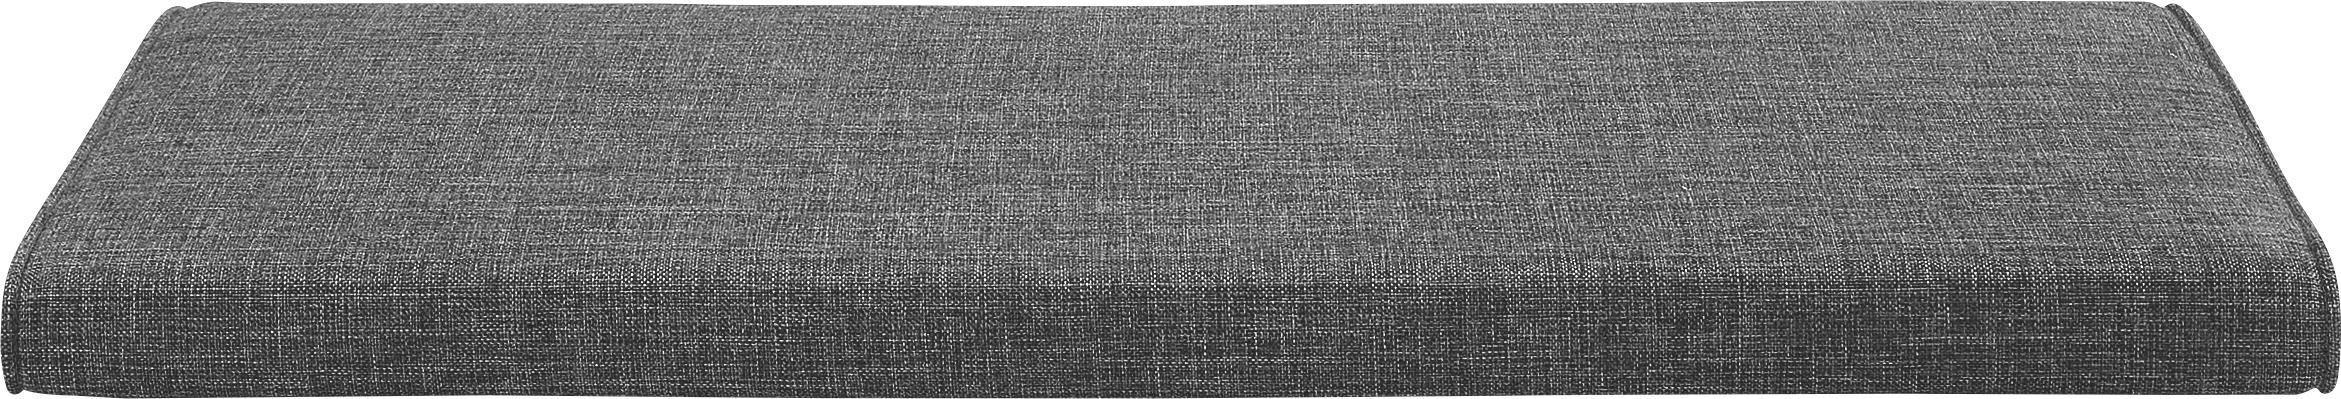 SITZKISSEN Anthrazit - Anthrazit, Design, Textil (80/4/38cm)